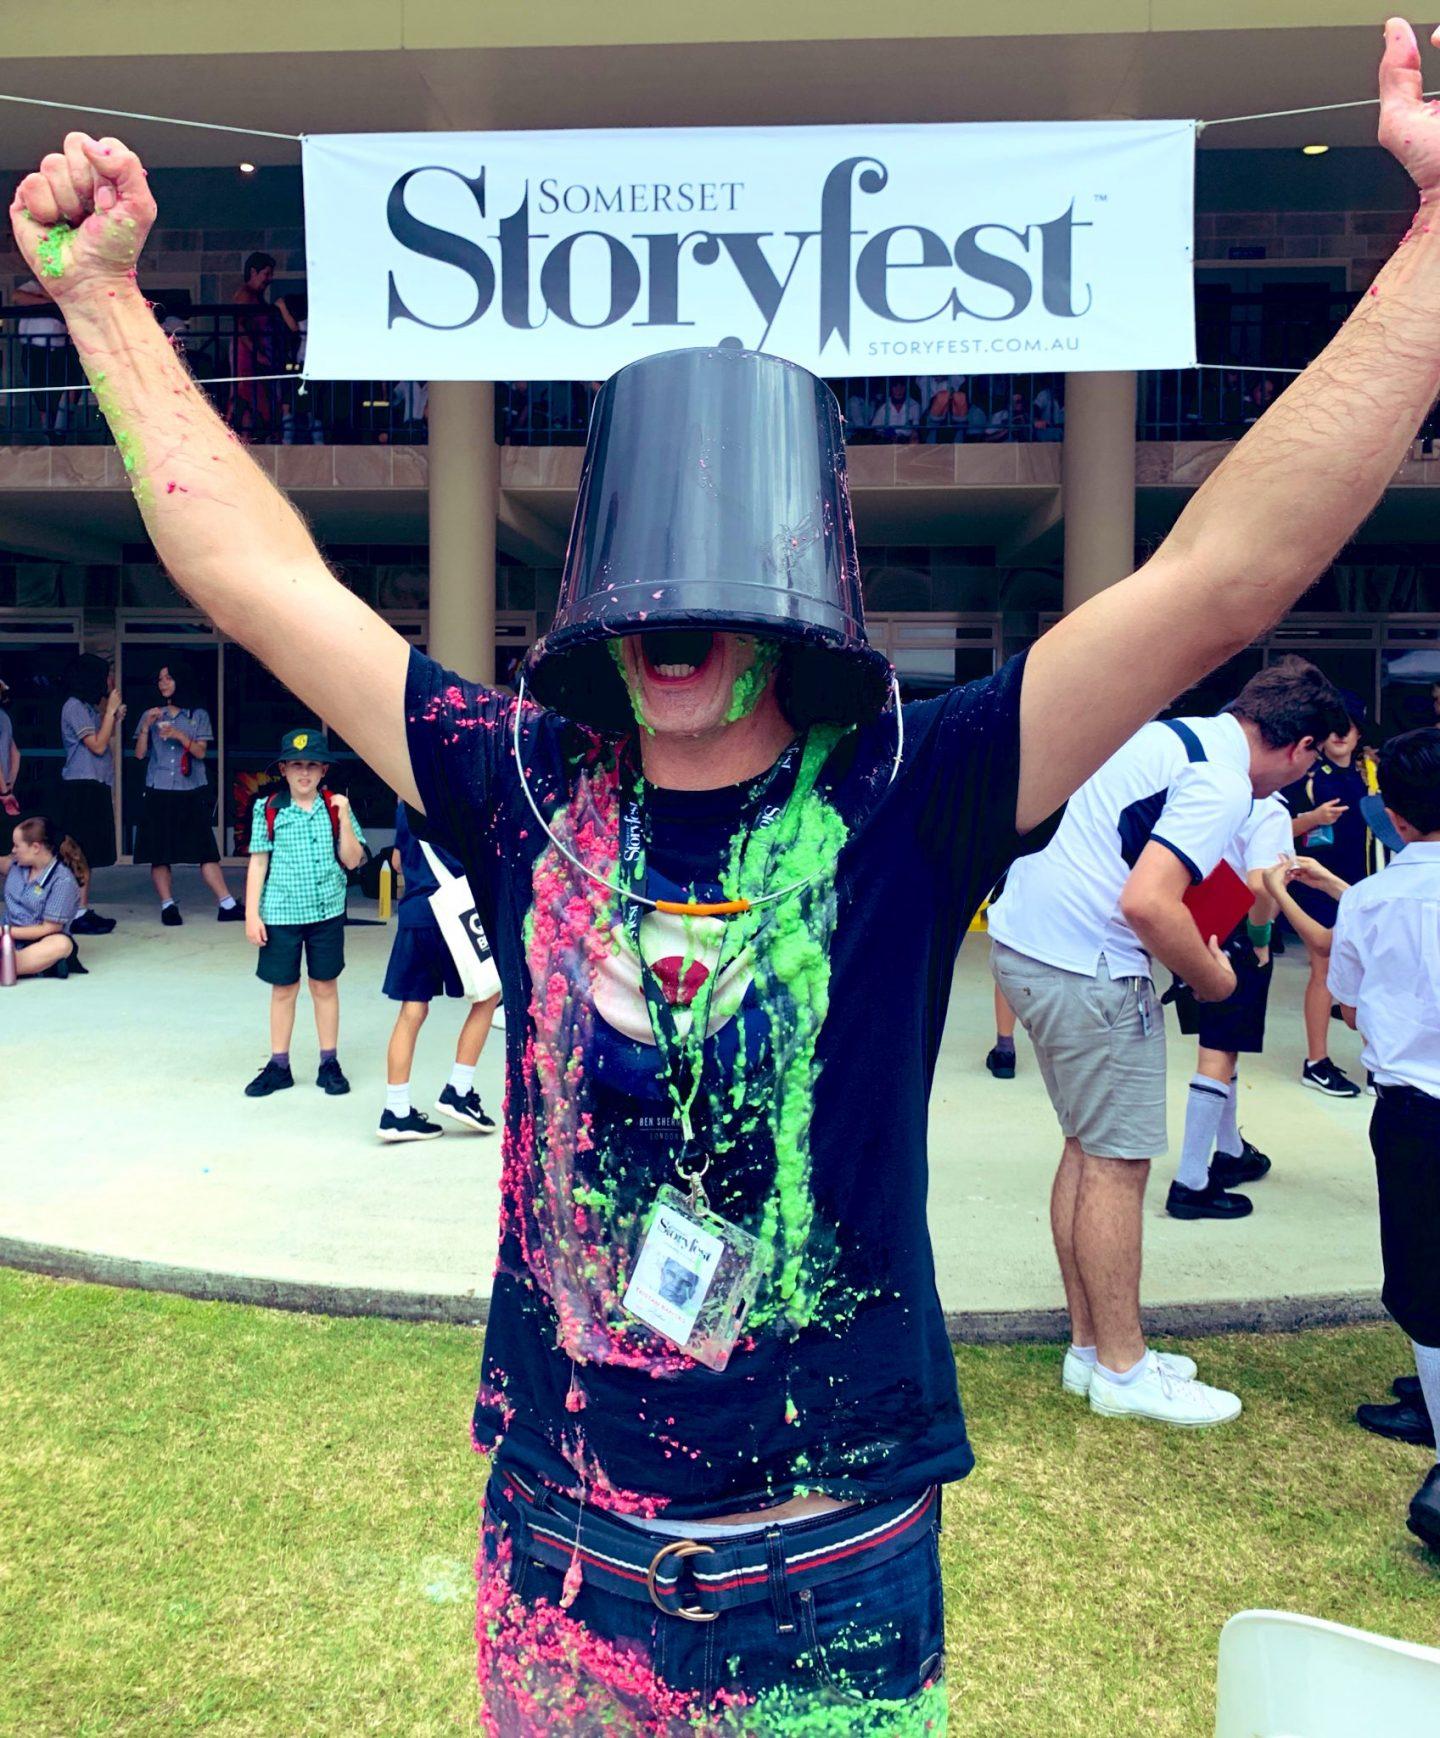 Somerset StoryFest 2019 Tristan Bancks